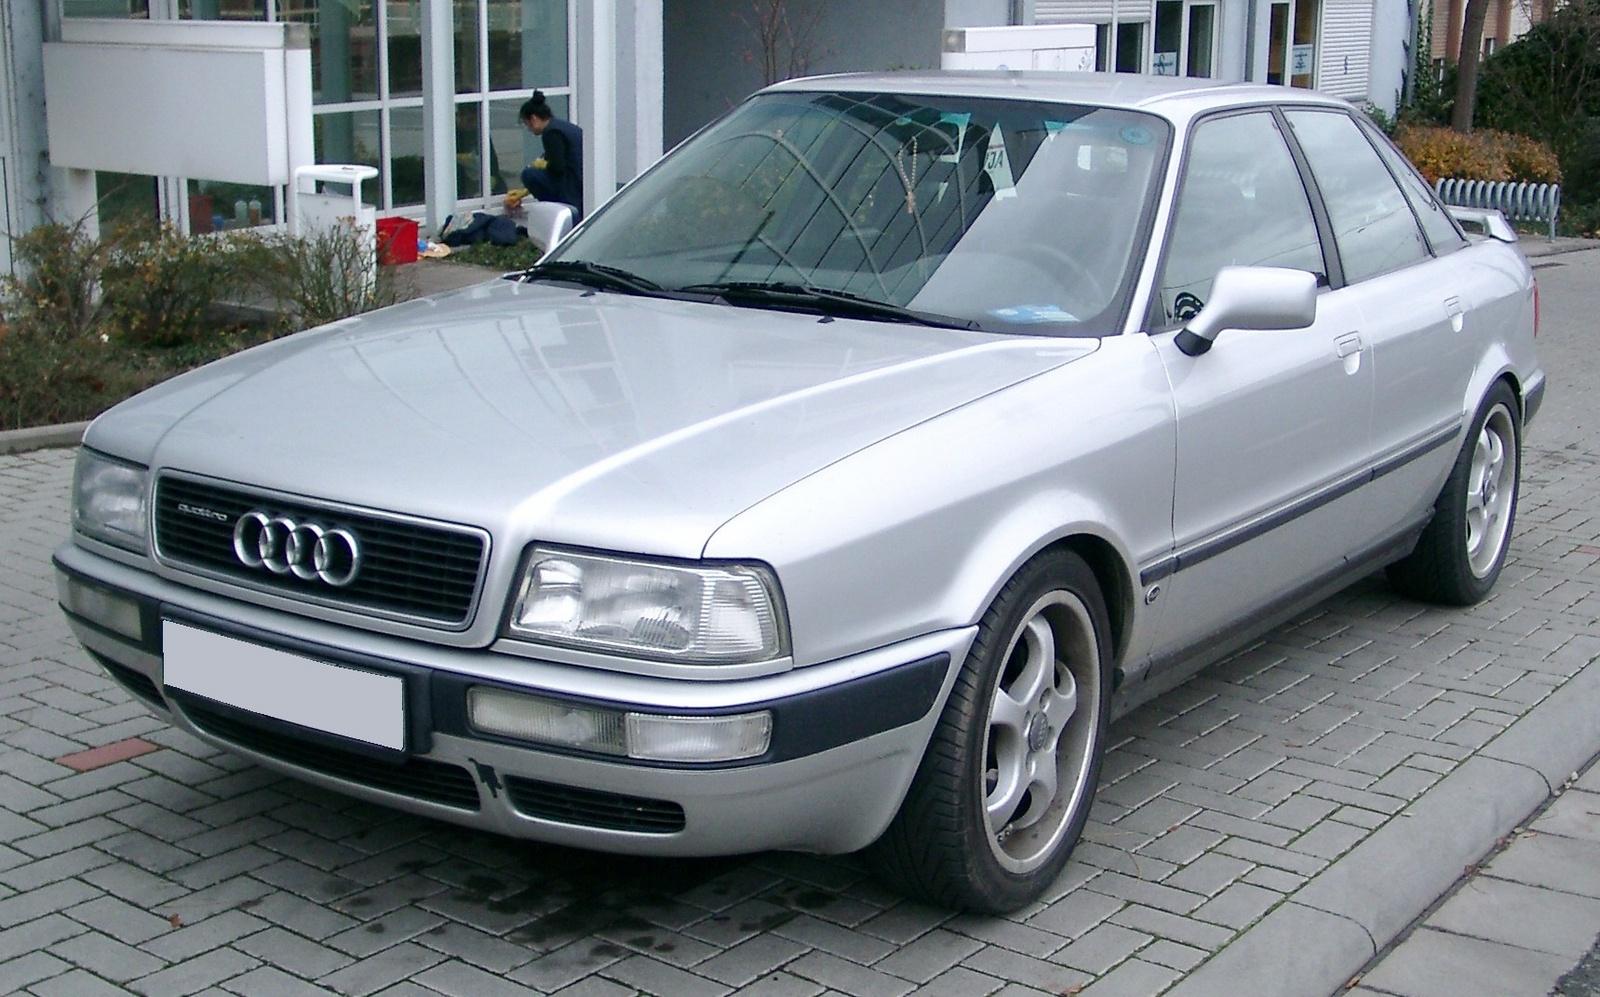 Picture of 1991 audi 80 quattro exterior